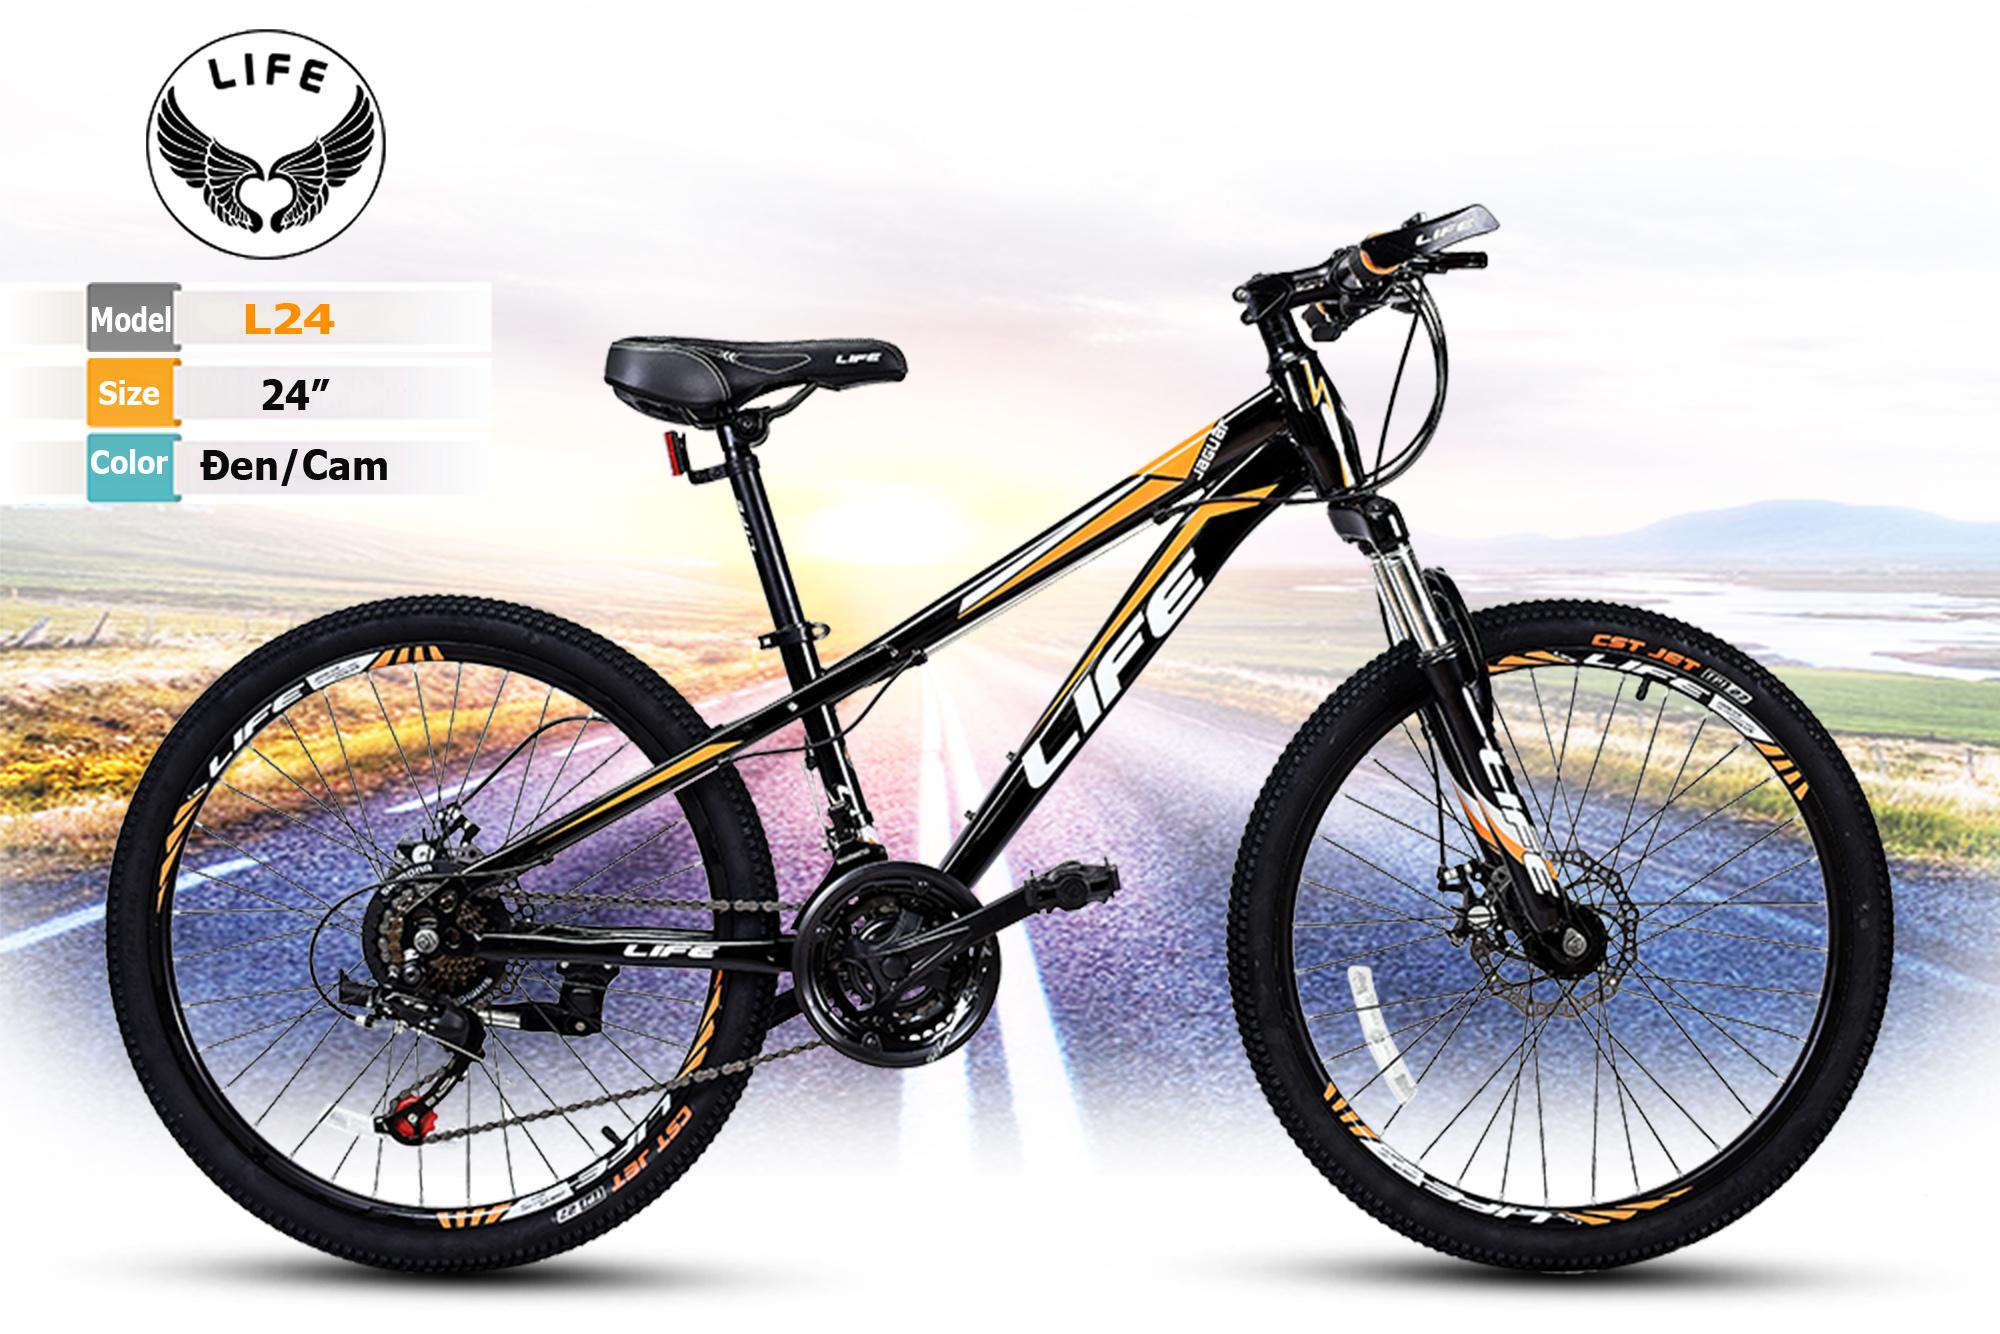 Xe đạp địa hình Life L24 màu Đen/Cam: Phong cách cao sang lịch lãm